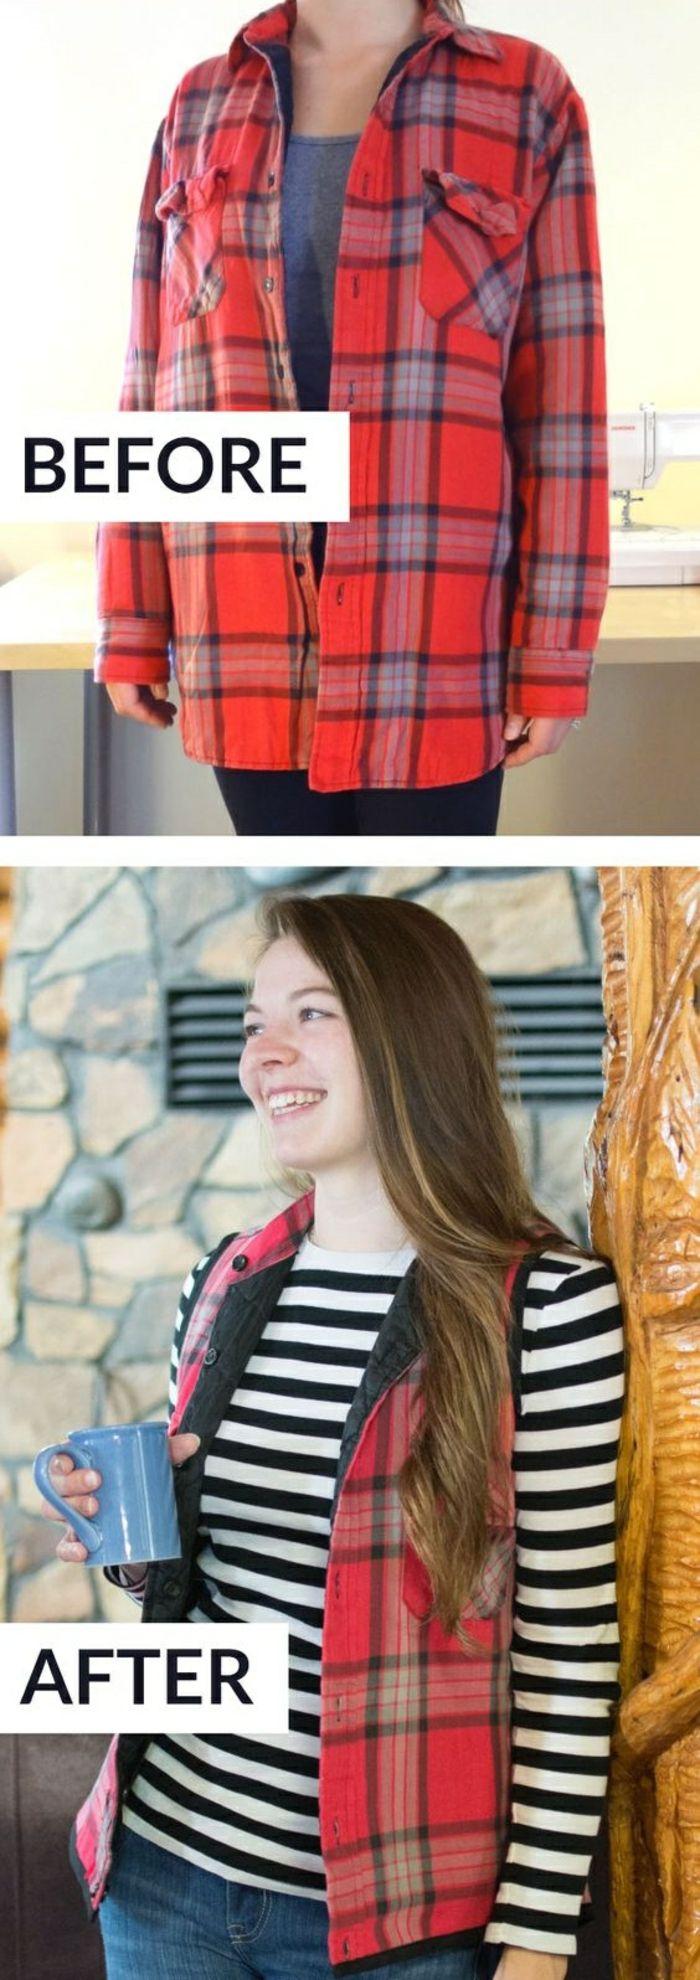 upcycling kleider rotes kariertes hemd in weste verwandeln diy ideen f r erwachsenen pinterest. Black Bedroom Furniture Sets. Home Design Ideas